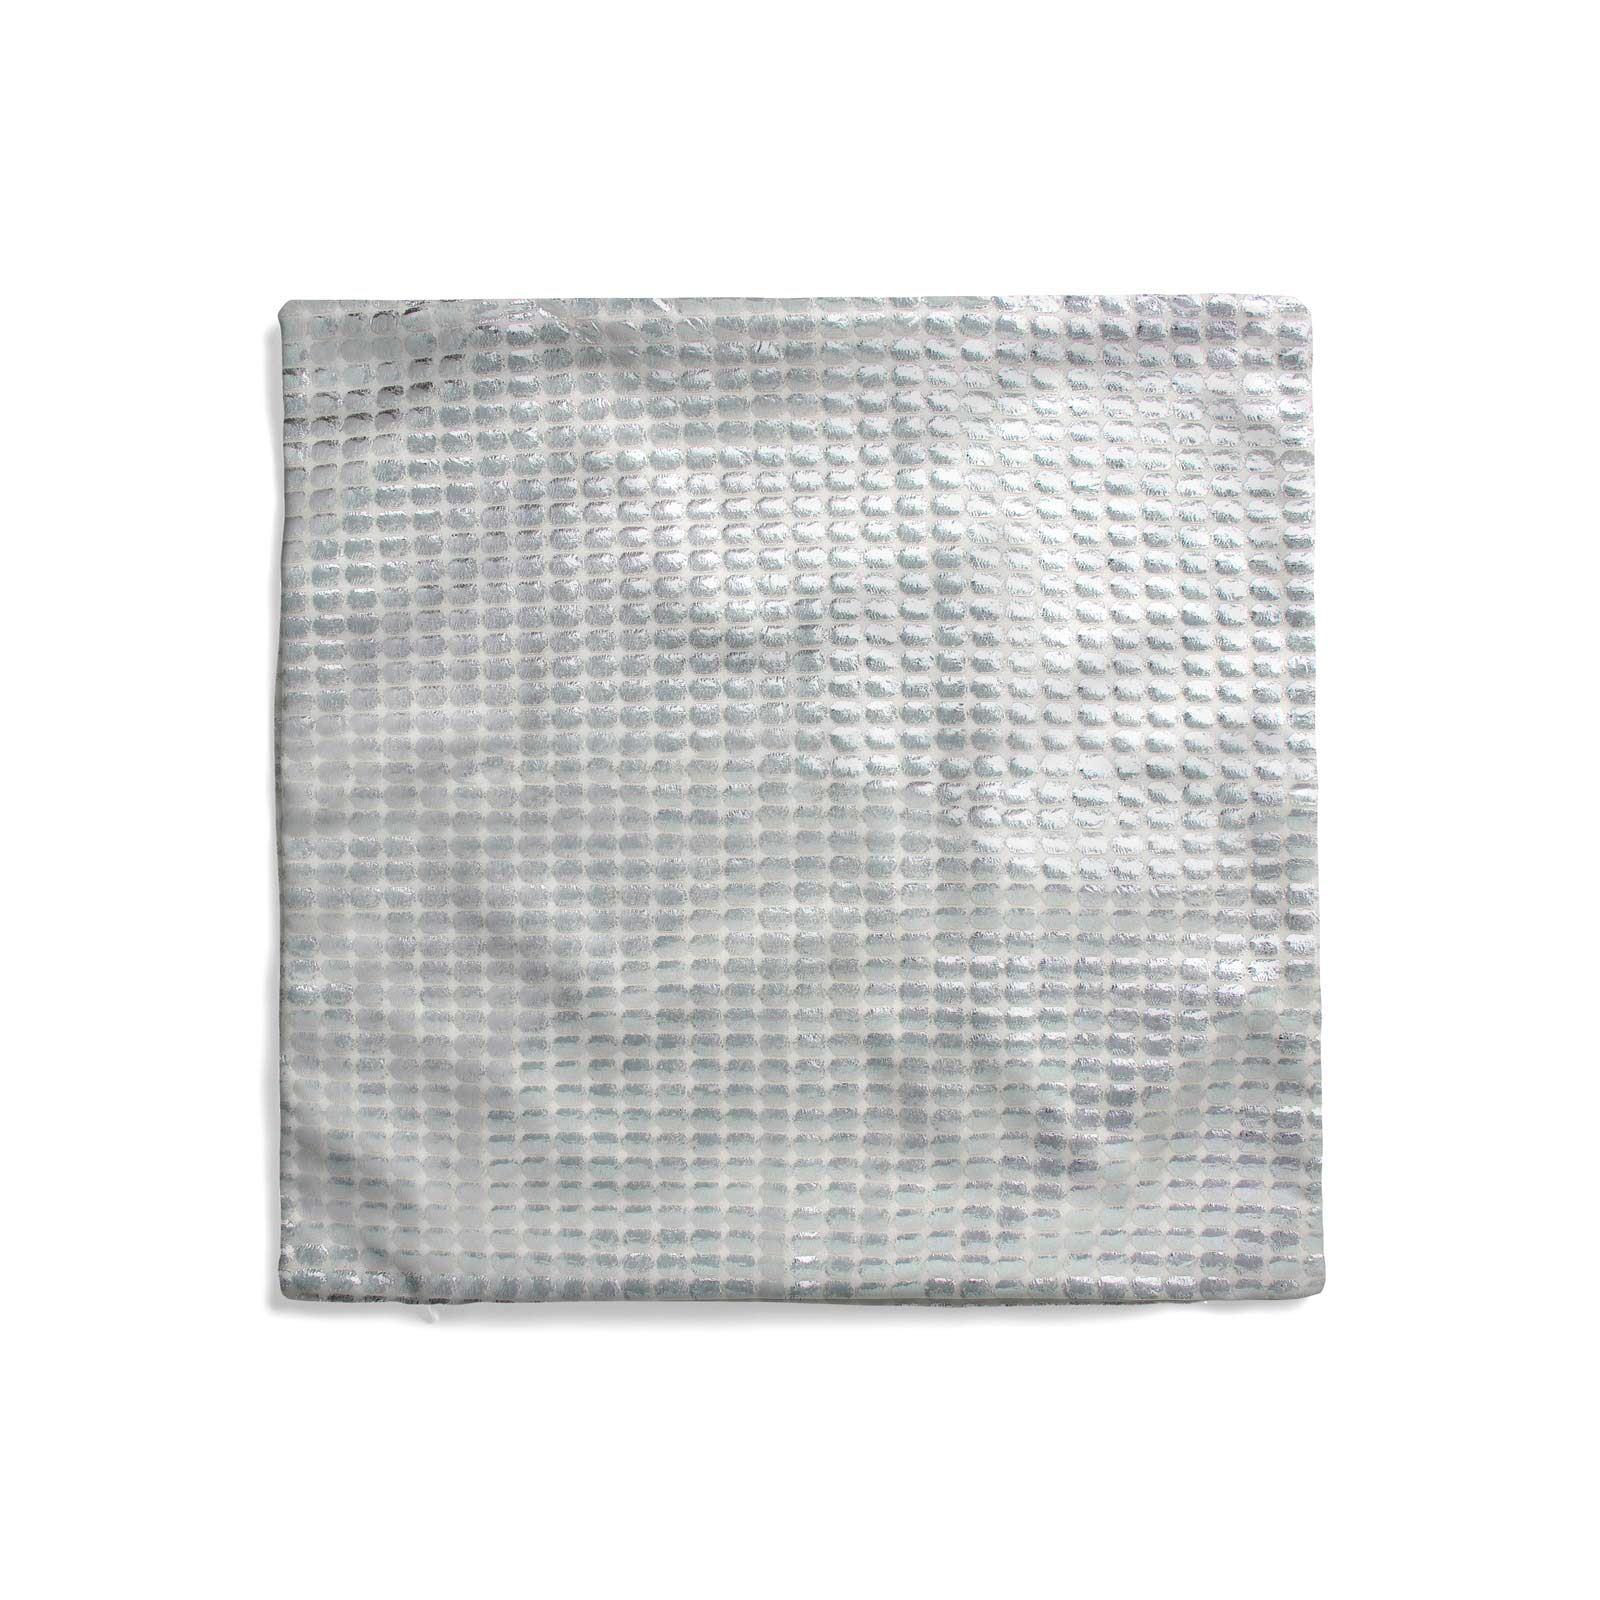 Impresion-de-lamina-metalica-Moderno-Funda-De-Cojin-Almohadon-cubiertas-de-cojines-18-034-X-18-034 miniatura 4